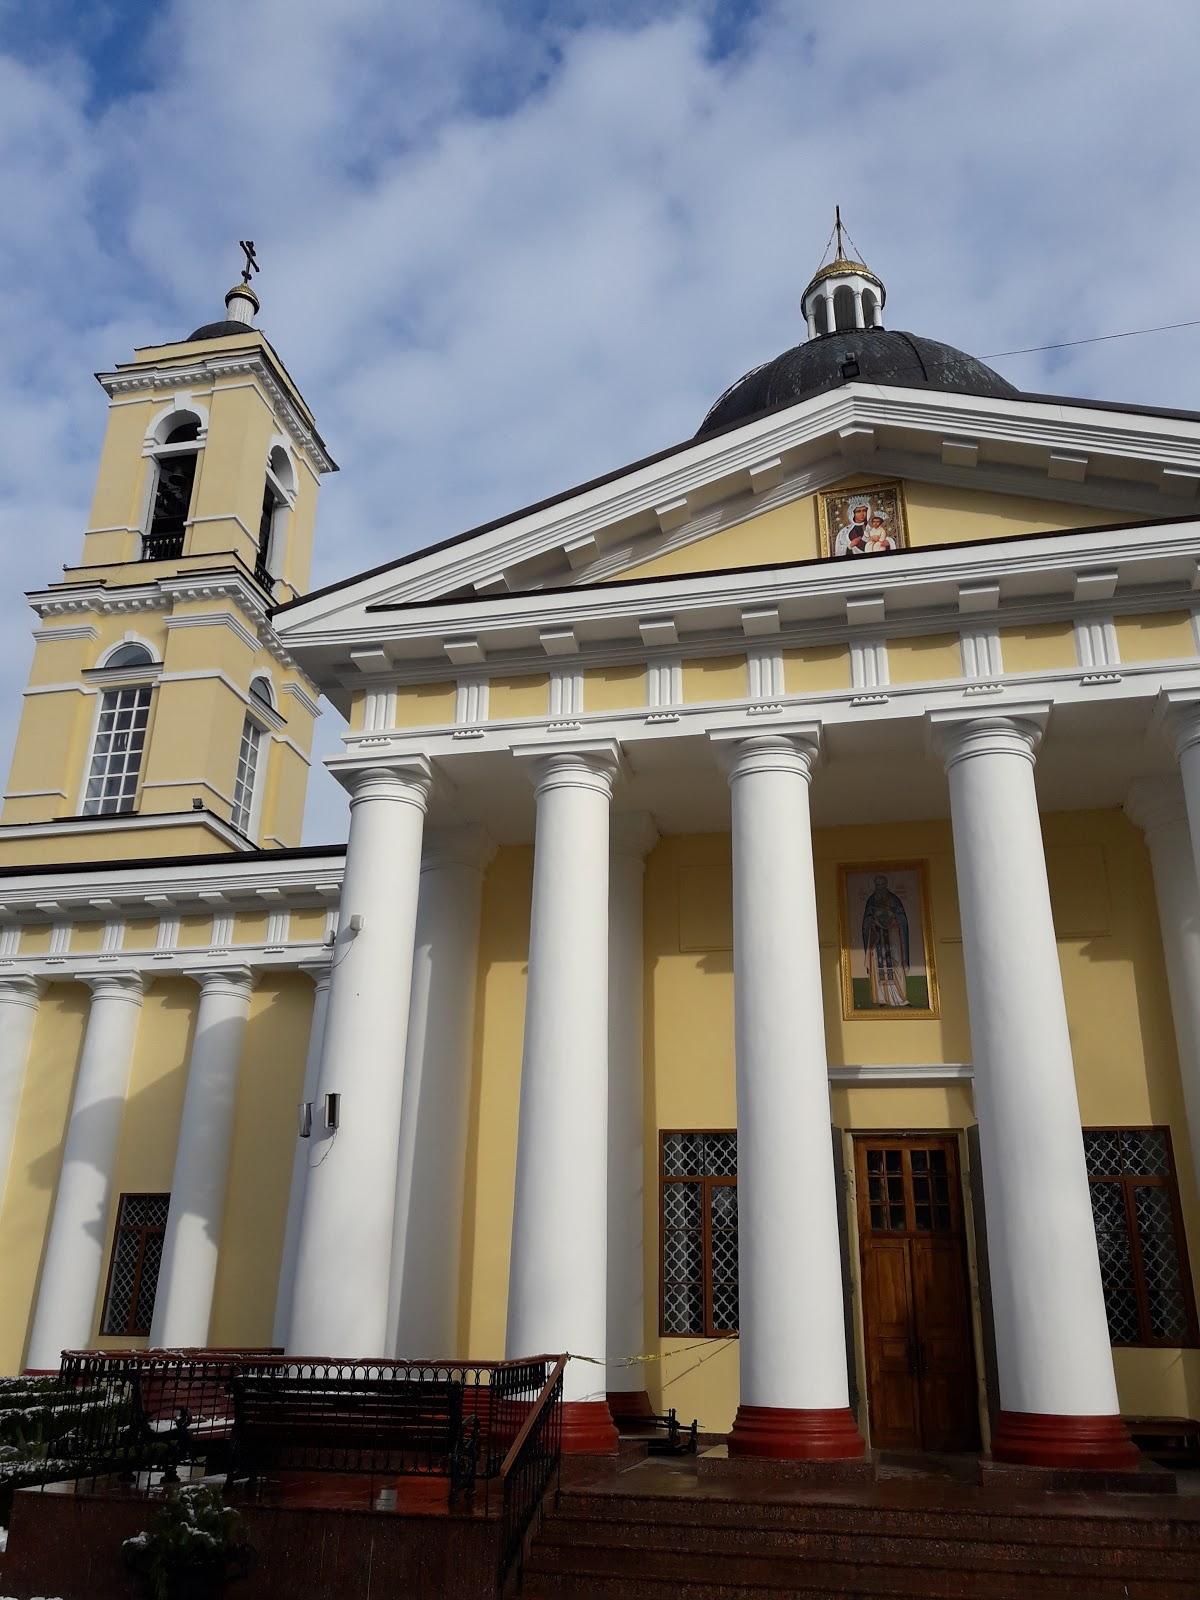 Дворцово-парковый ансамбль Румянцевых Паскевичей